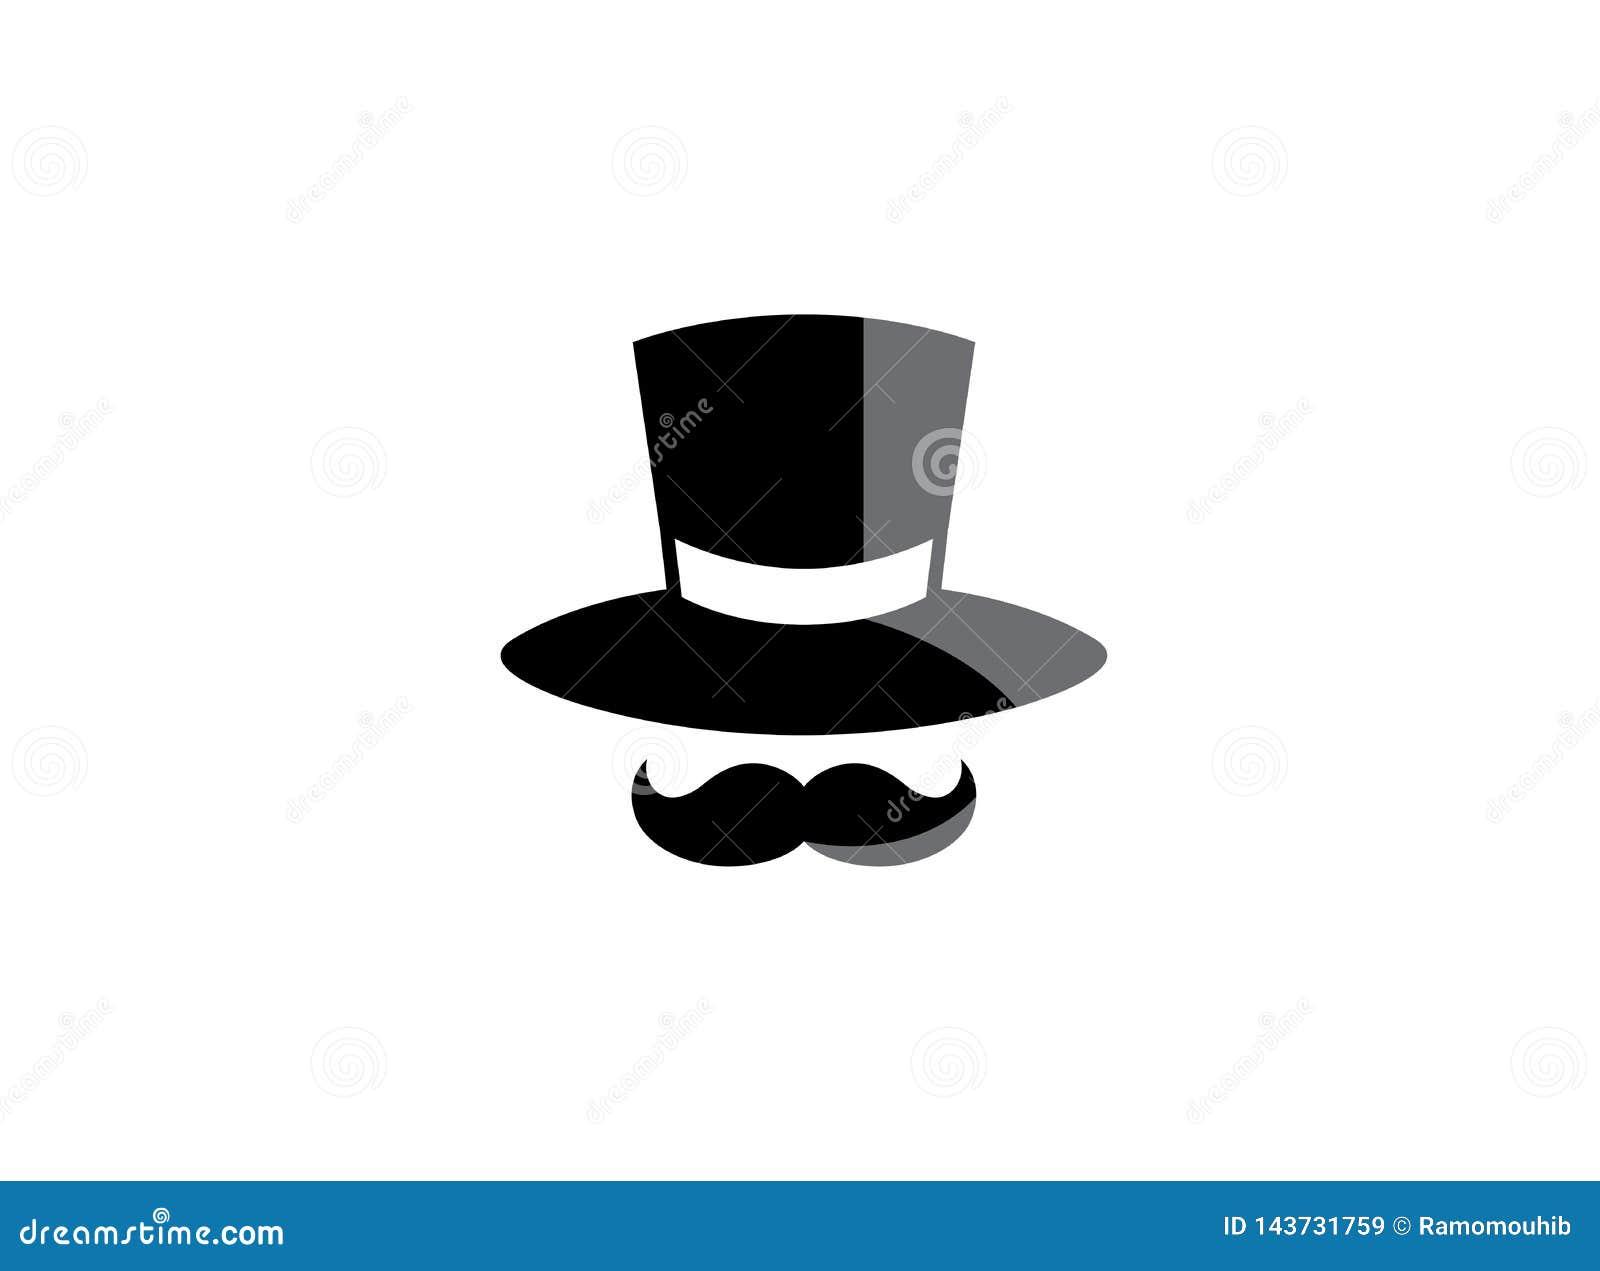 Zwarte hoed en grote snor voor de illustratie van het embleemontwerp